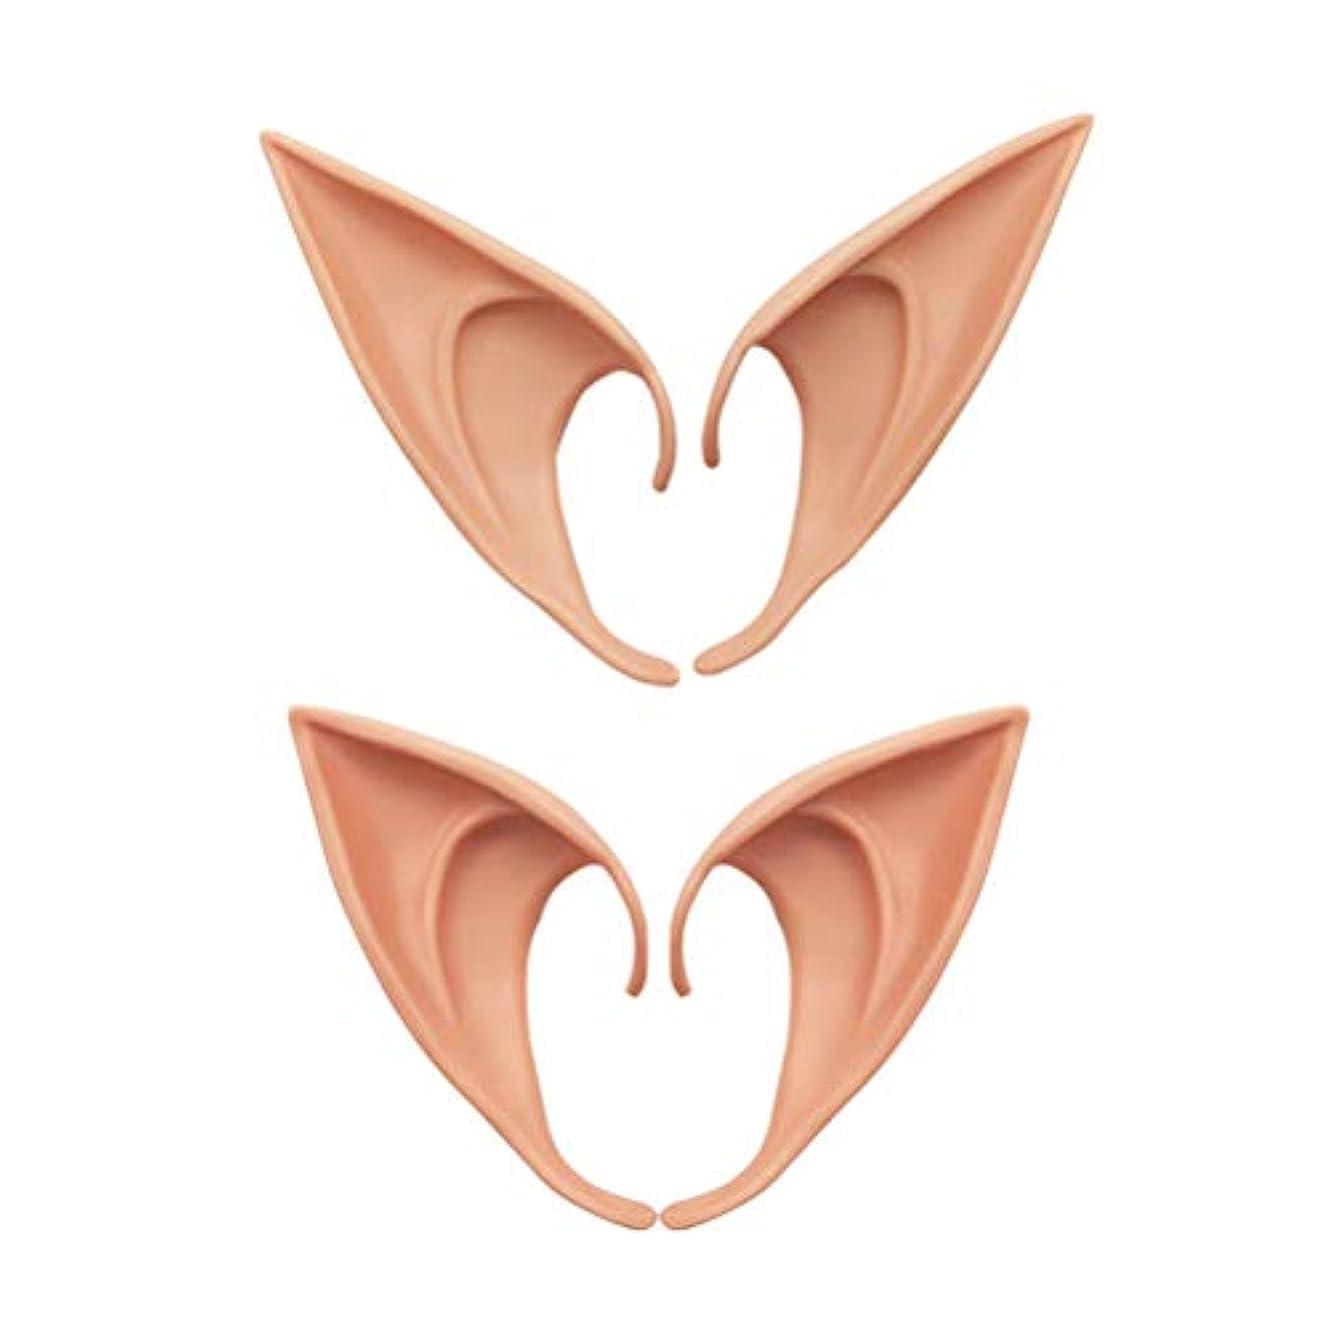 オーバーラン六分儀分散Toyvian エルフ耳コスプレイースターカーニバルパーティーエルフコスチューム補綴耳偽のヒント耳写真小道具4ピース